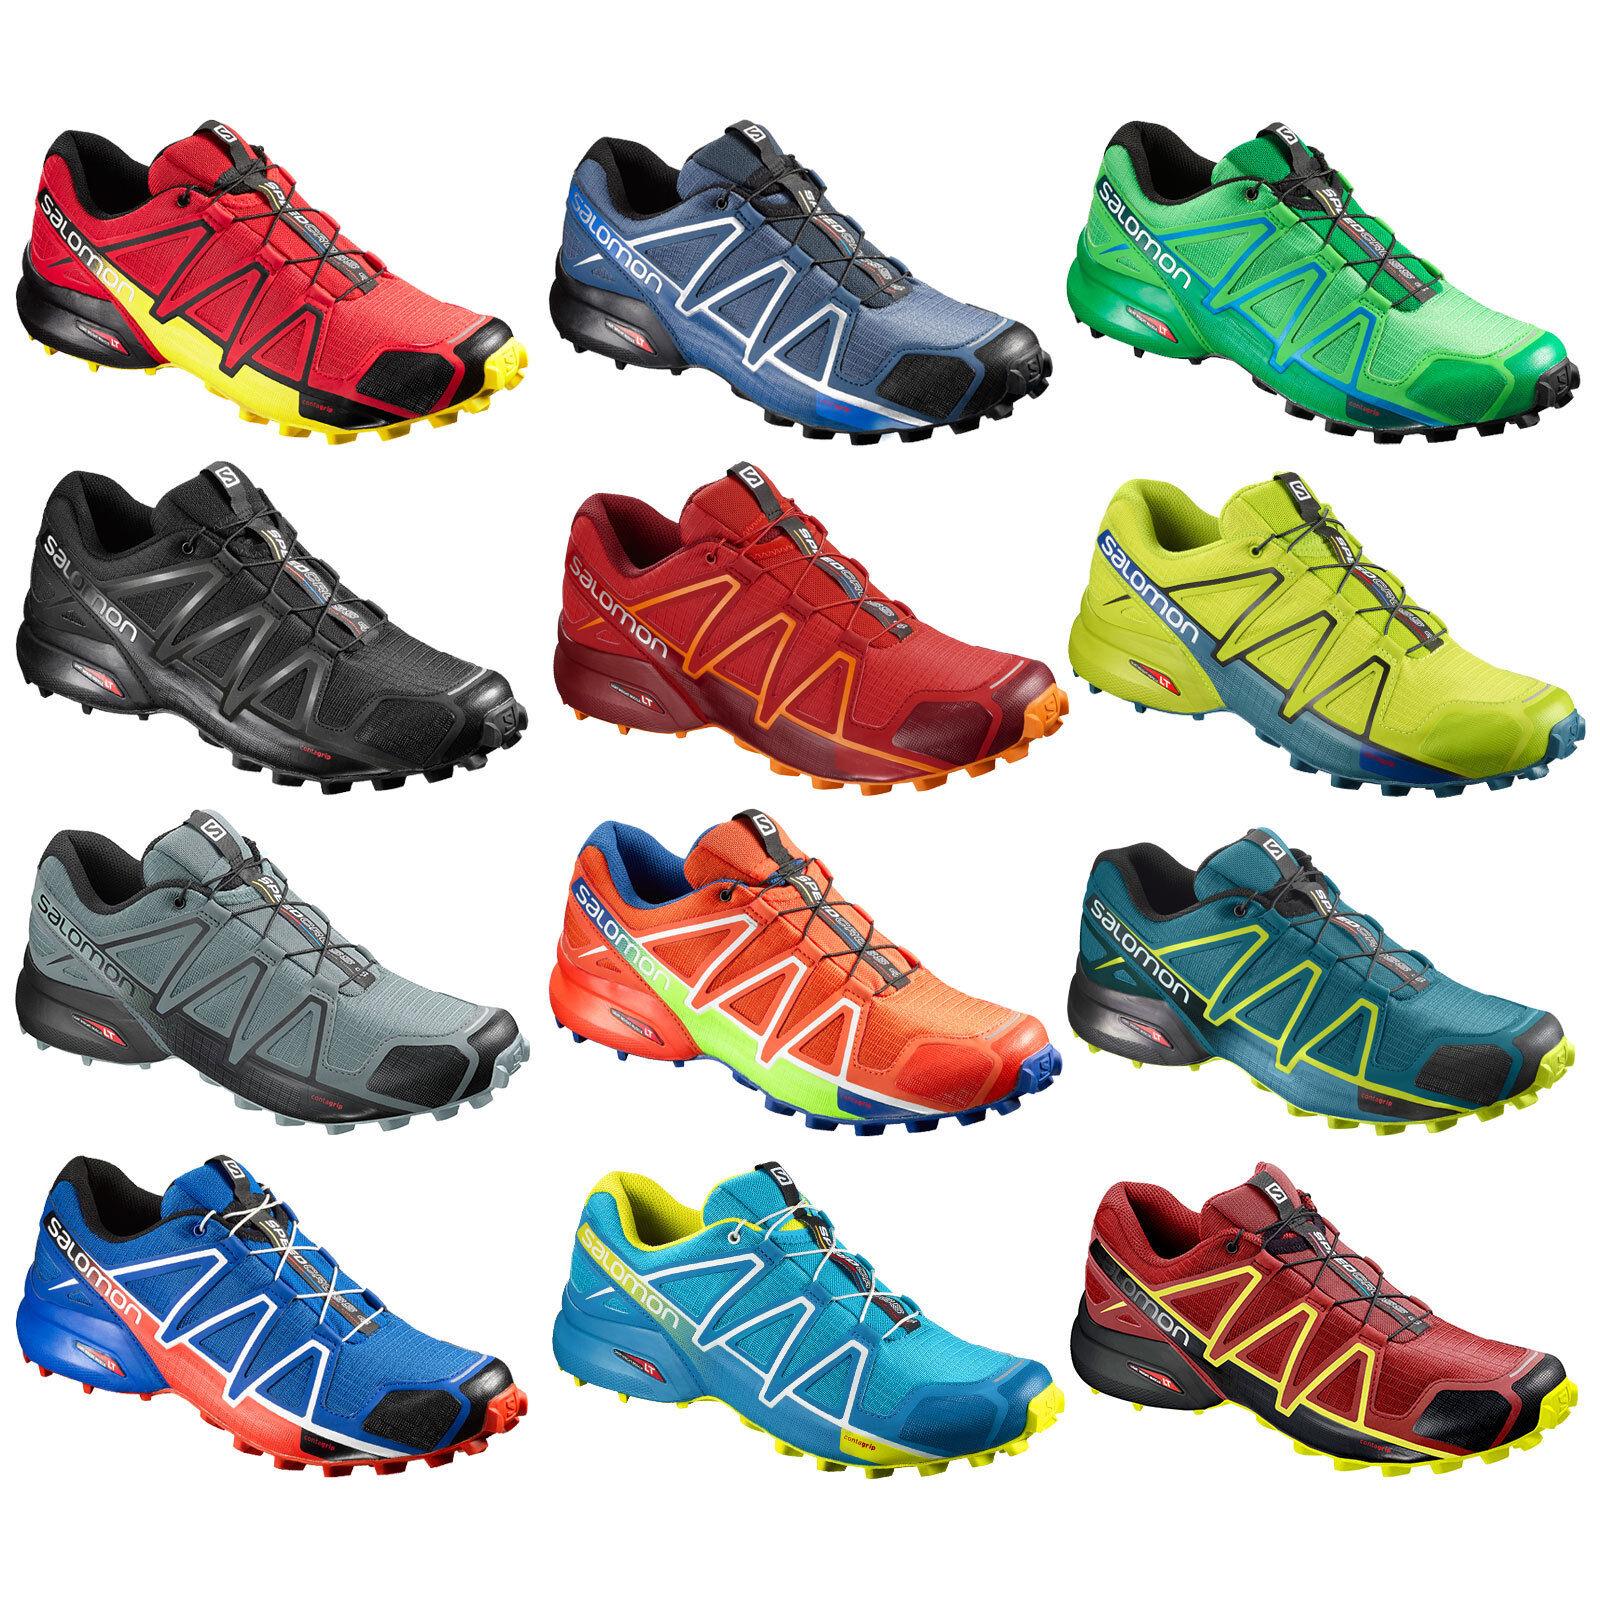 2b98a613405143 amp  Sparen Vergleich Test Kaufen Salomon Schuhe pHXqPAII